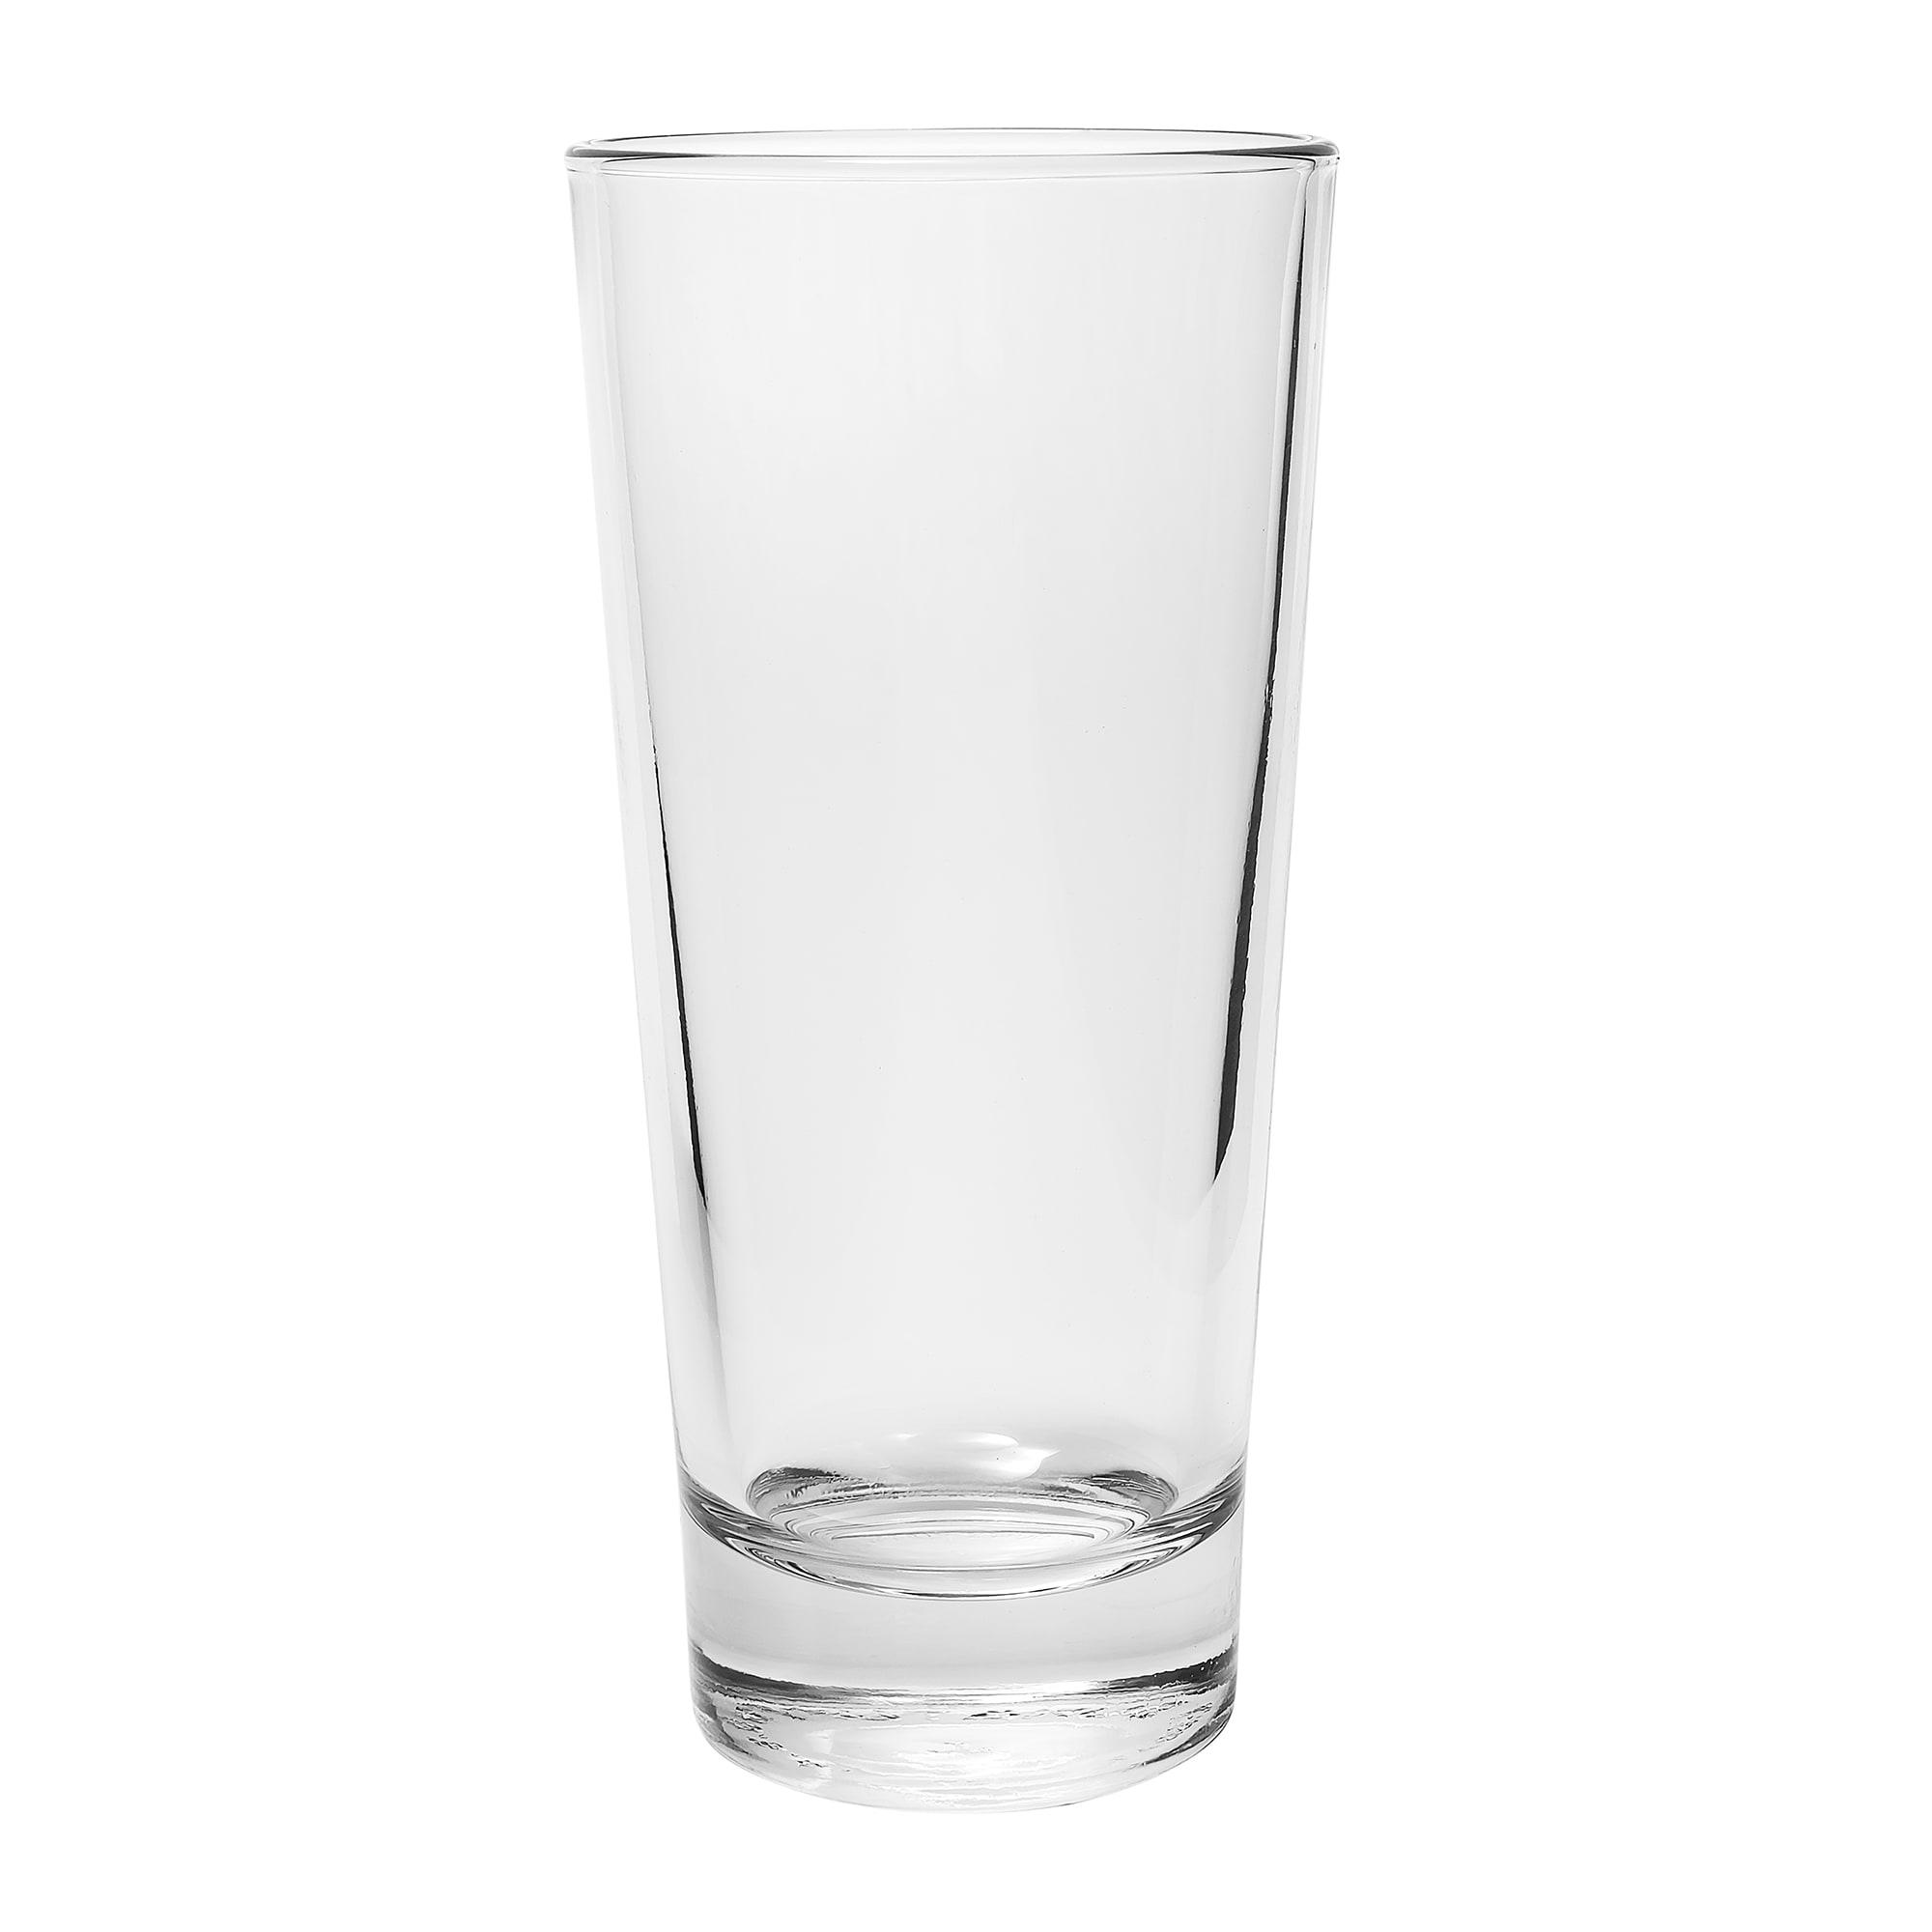 Libbey 15814 14 oz DuraTuff Elan Beverage Glass